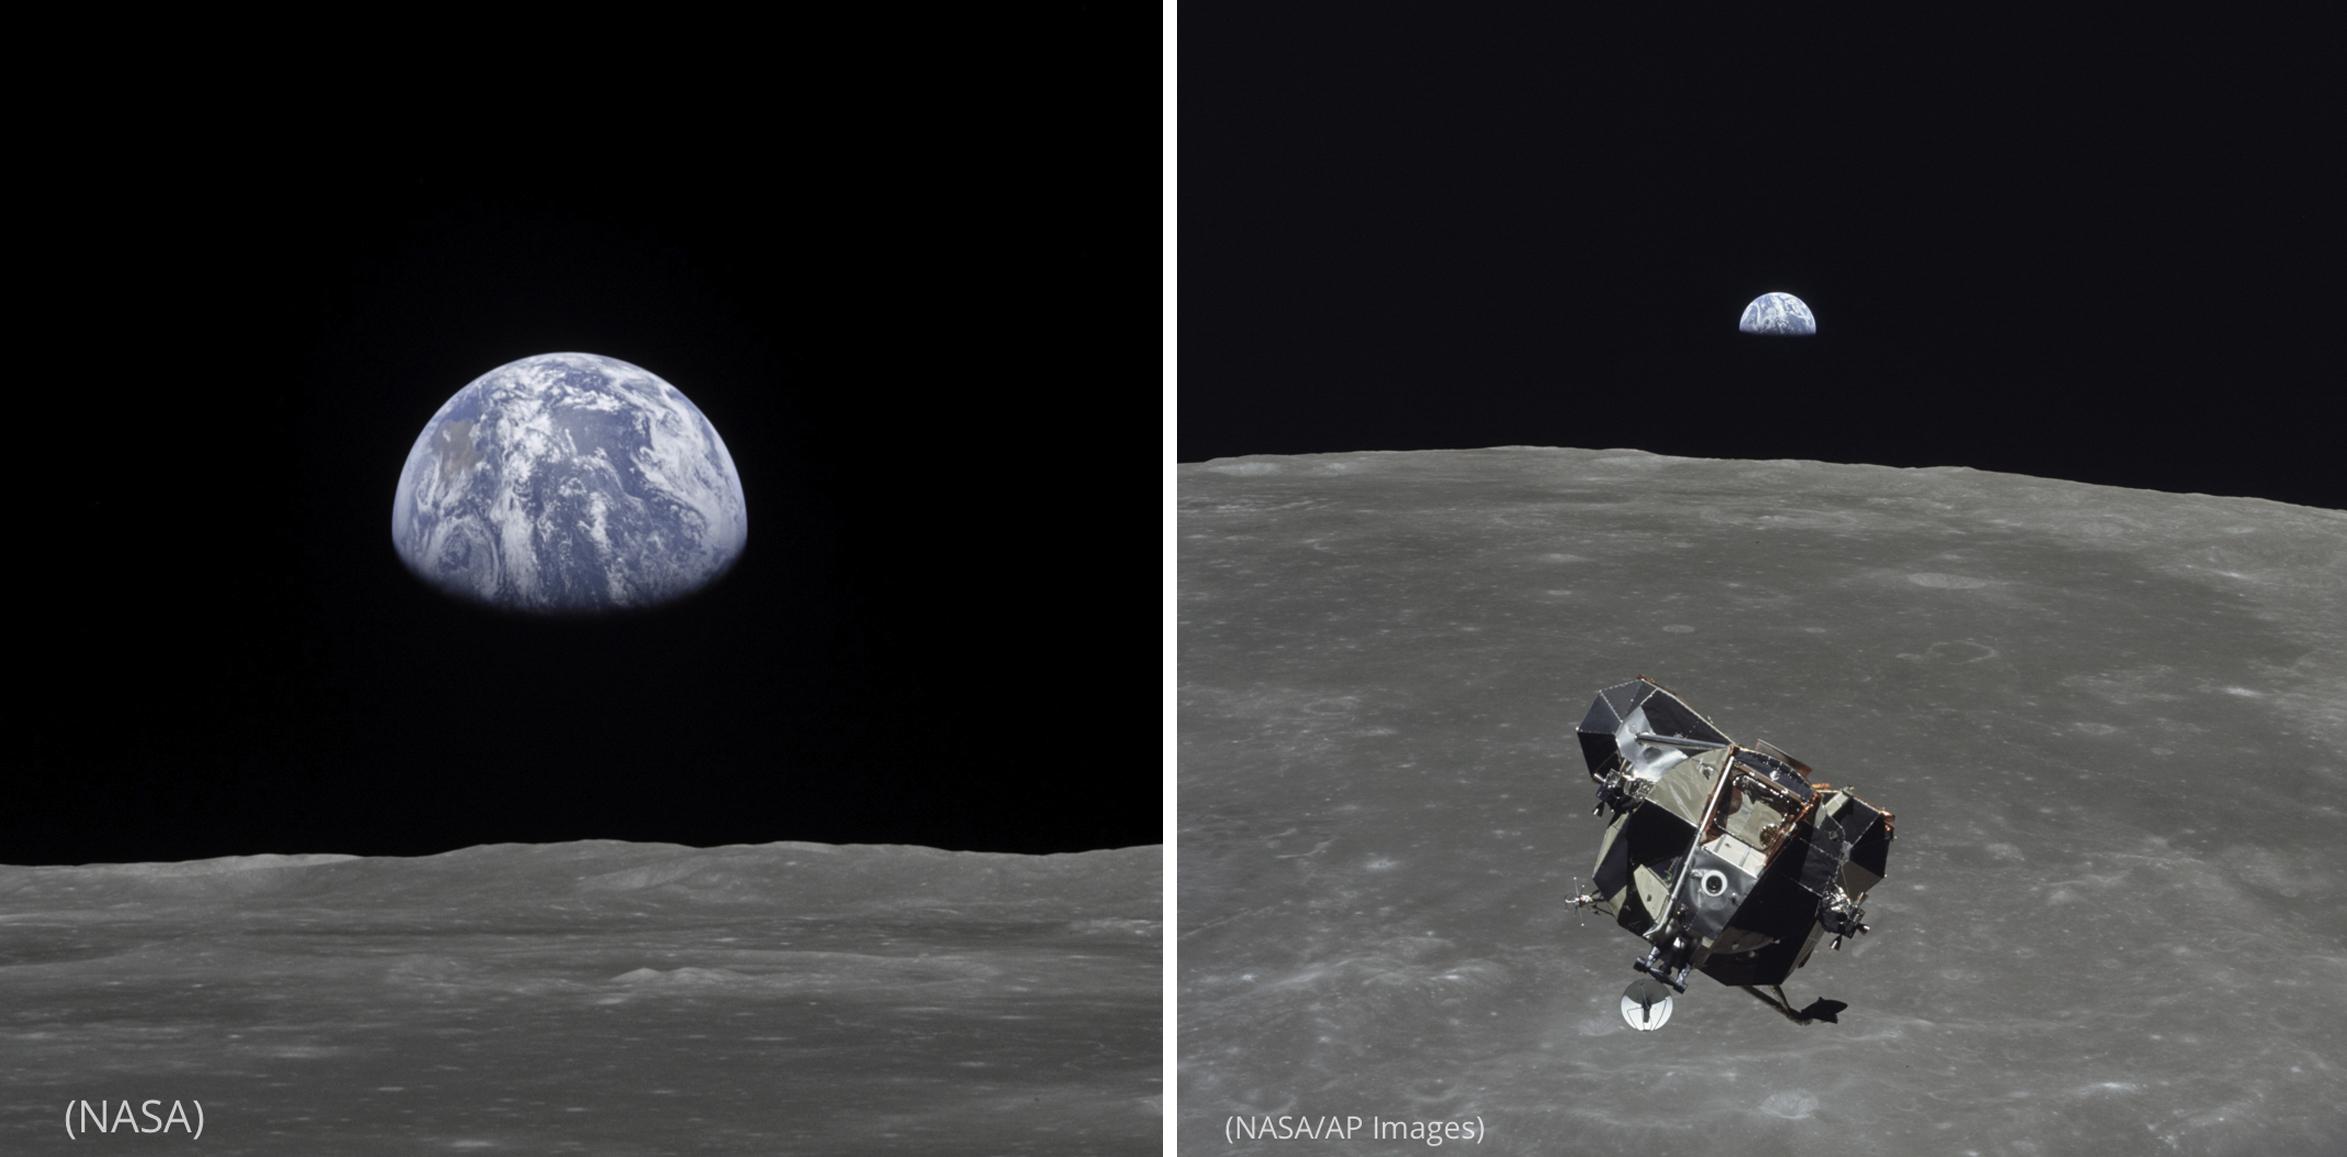 هذه الصورة لجزء من كوكب الأرض الذي يبدو وكأنه يصعد فوق أفق القمر، والتي تم التقاطها في 20 يوليو 1969 من وحدة القيادة المدارية